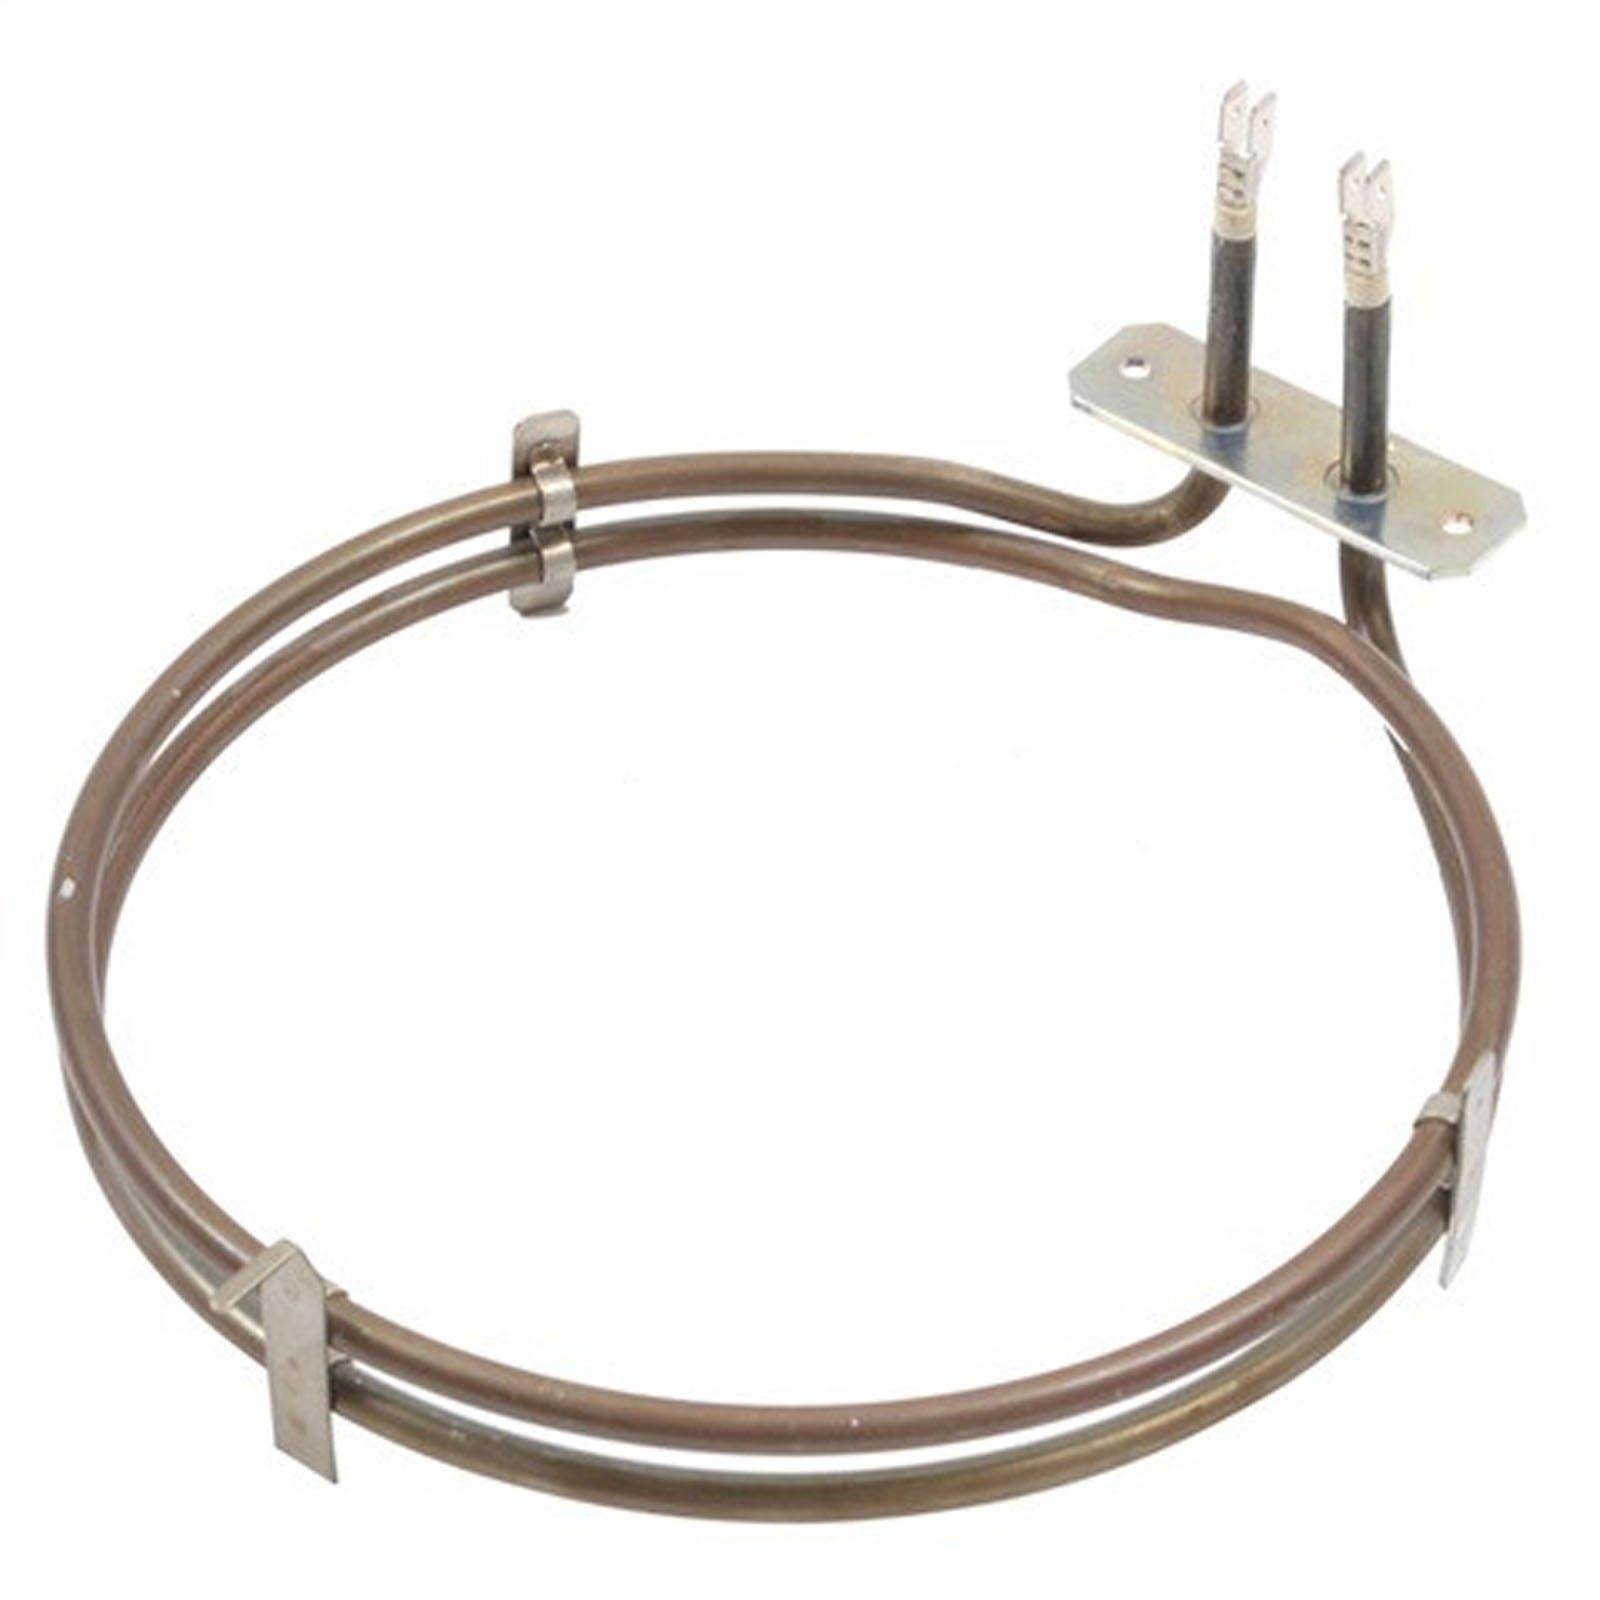 Spares2go - Elemento calefactor de 2 vueltas para ventilador Diplomat horno/cocina (2000W): Amazon.es: Hogar